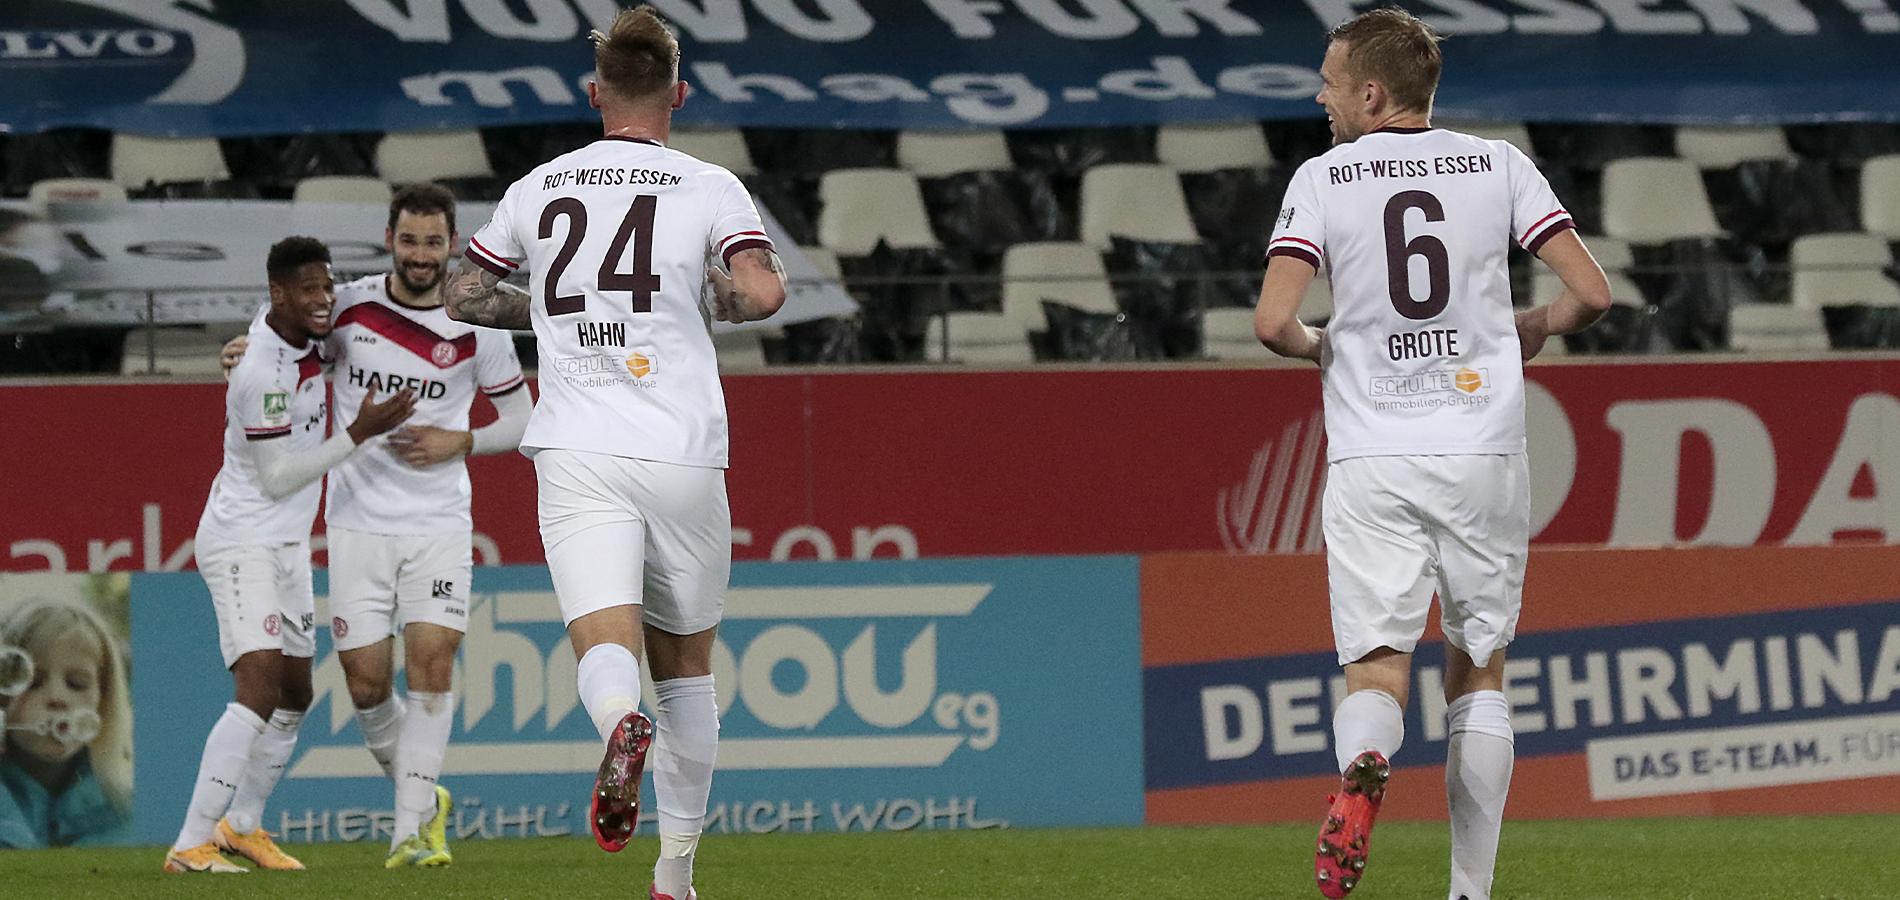 Grund zu Lachen gab's genug: RWE besiegt den WSV mit 6:1. (Foto: Endberg)